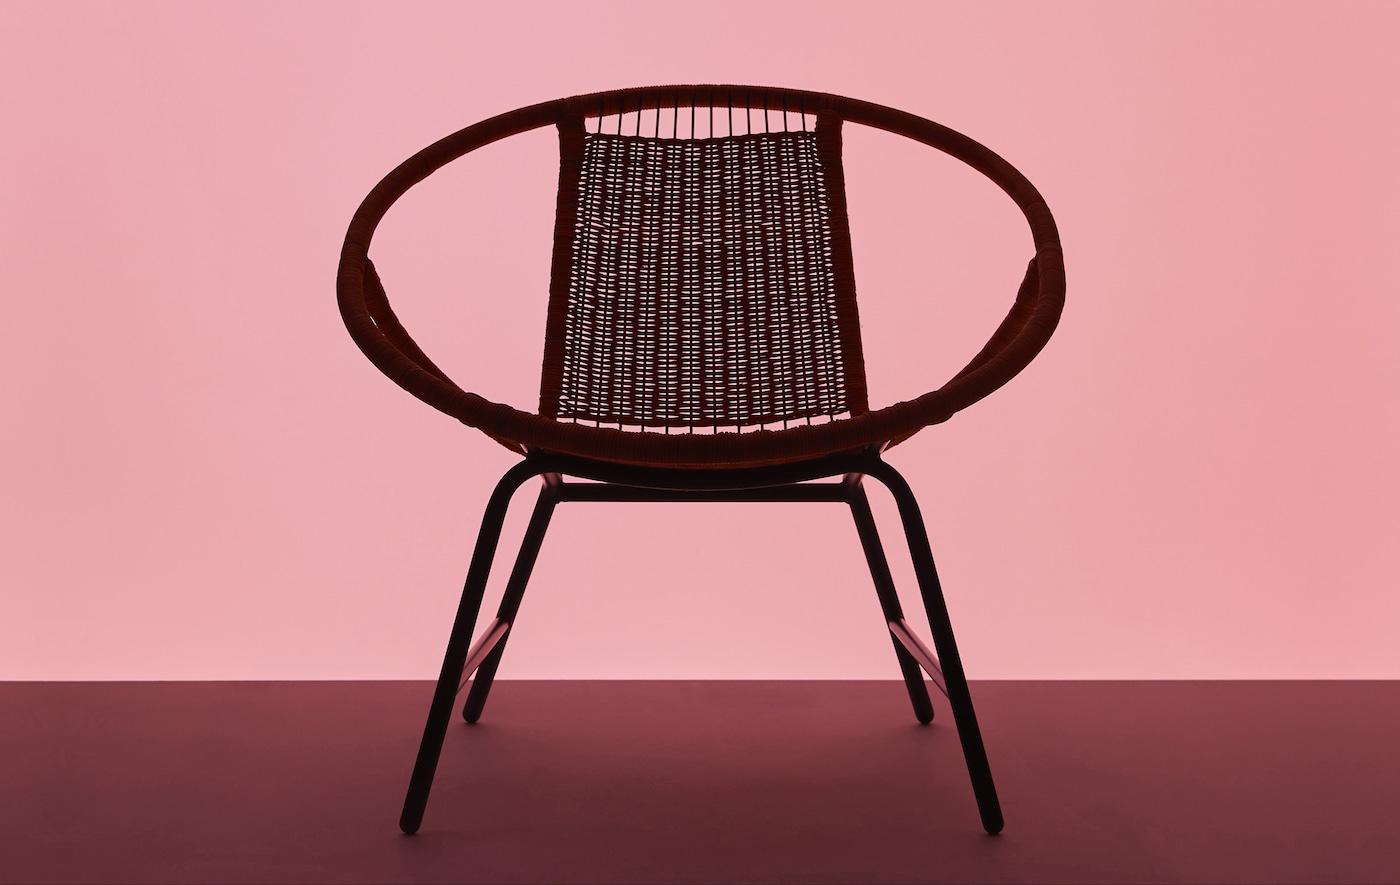 Die Form von GAGNET Sessel vor einem rosafarbenen Hintergrund